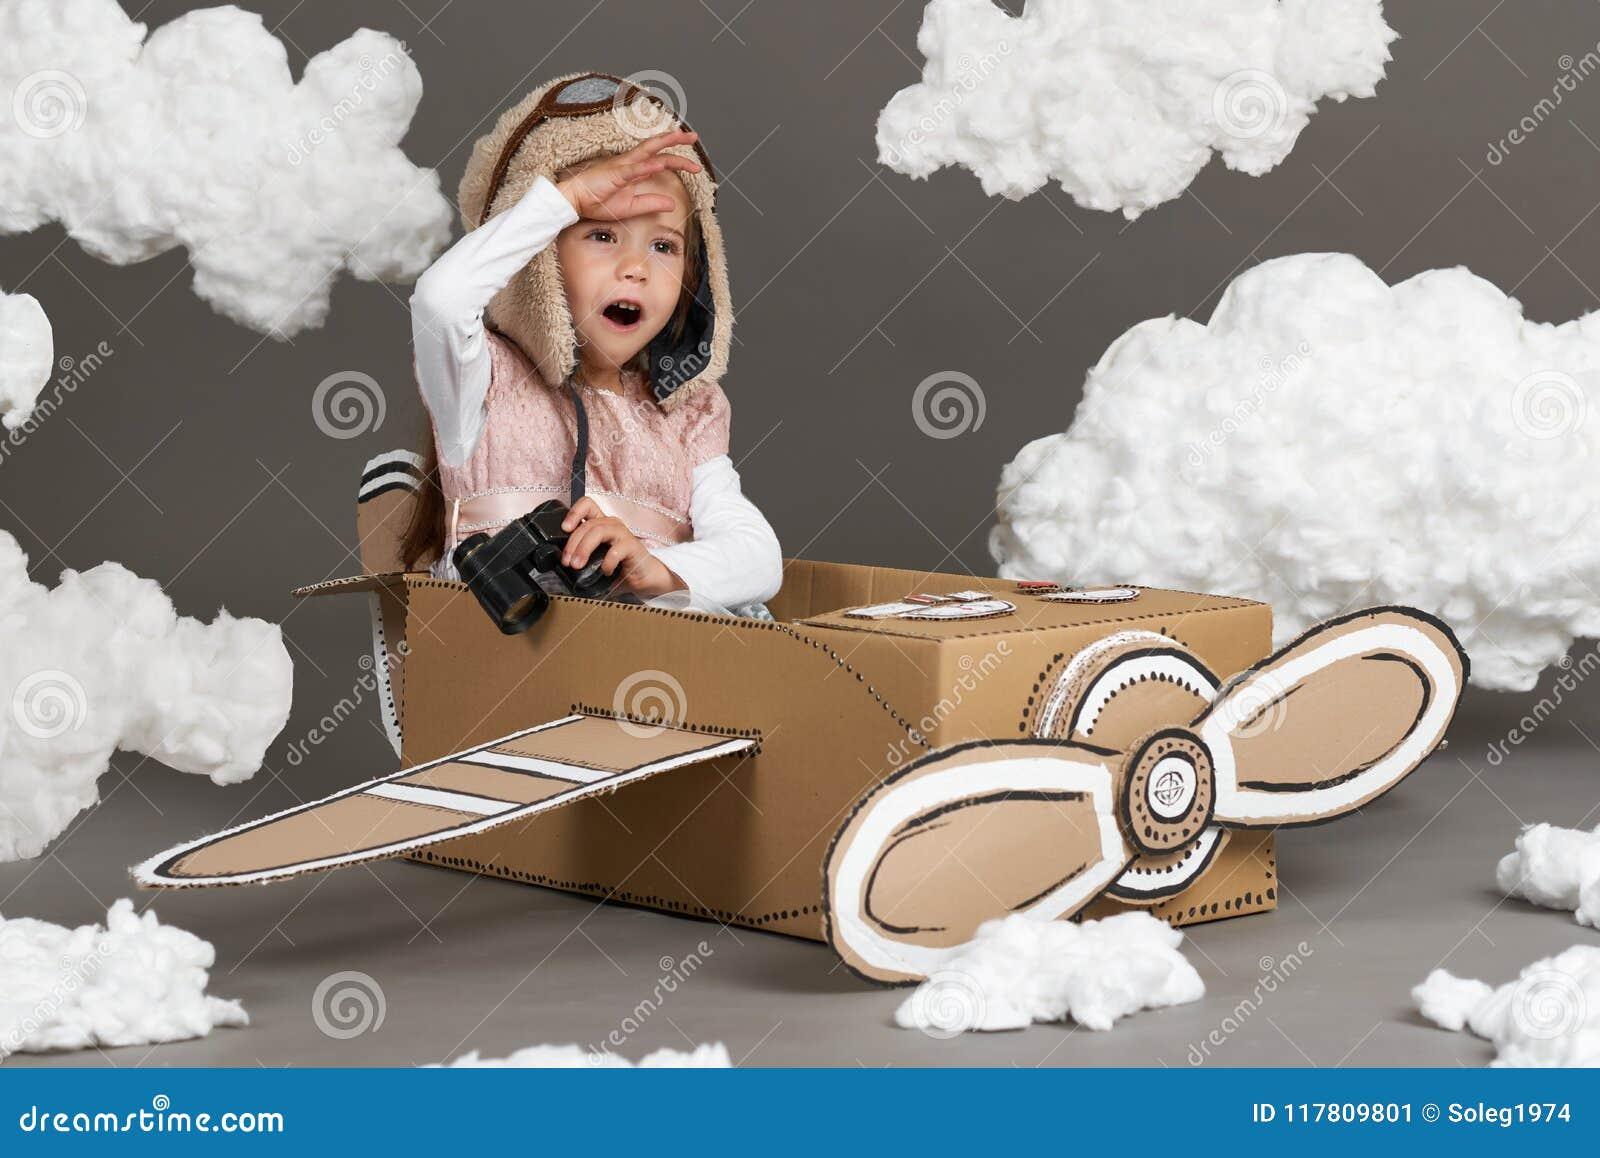 La ragazza del bambino gioca in un aeroplano fatto della scatola di cartone e dei sogni di diventare un pilota, nuvole di ovatta